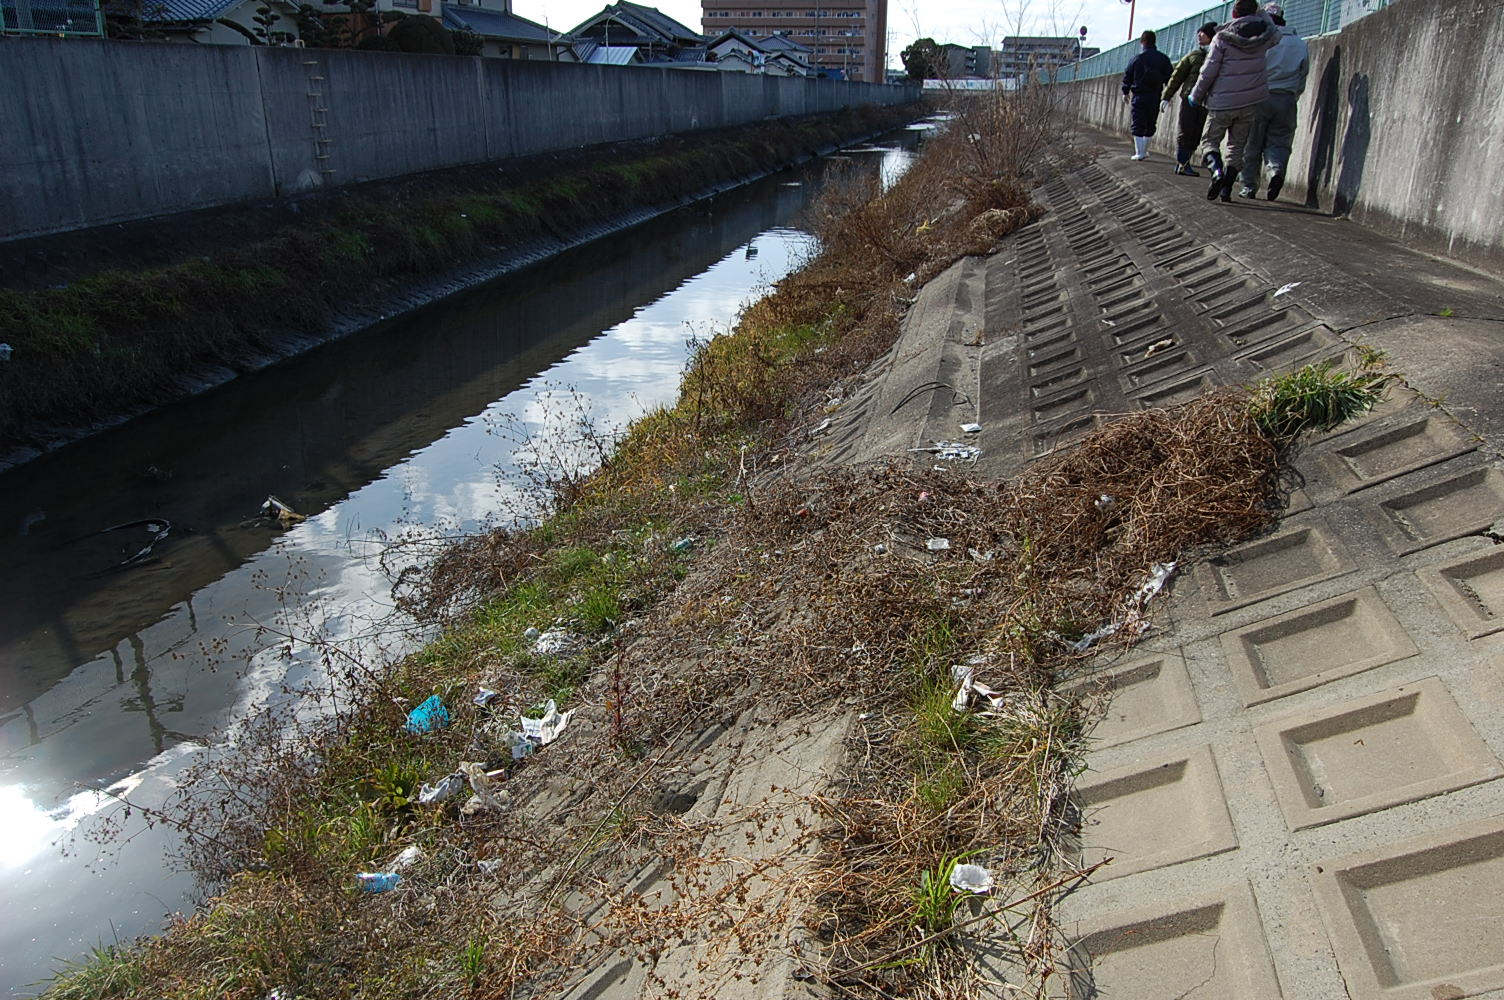 鍋田川のゴミの調査 | 不妊|鍼灸|大阪|卵子の質|鍼灸治療は三ツ川レディース鍼灸院